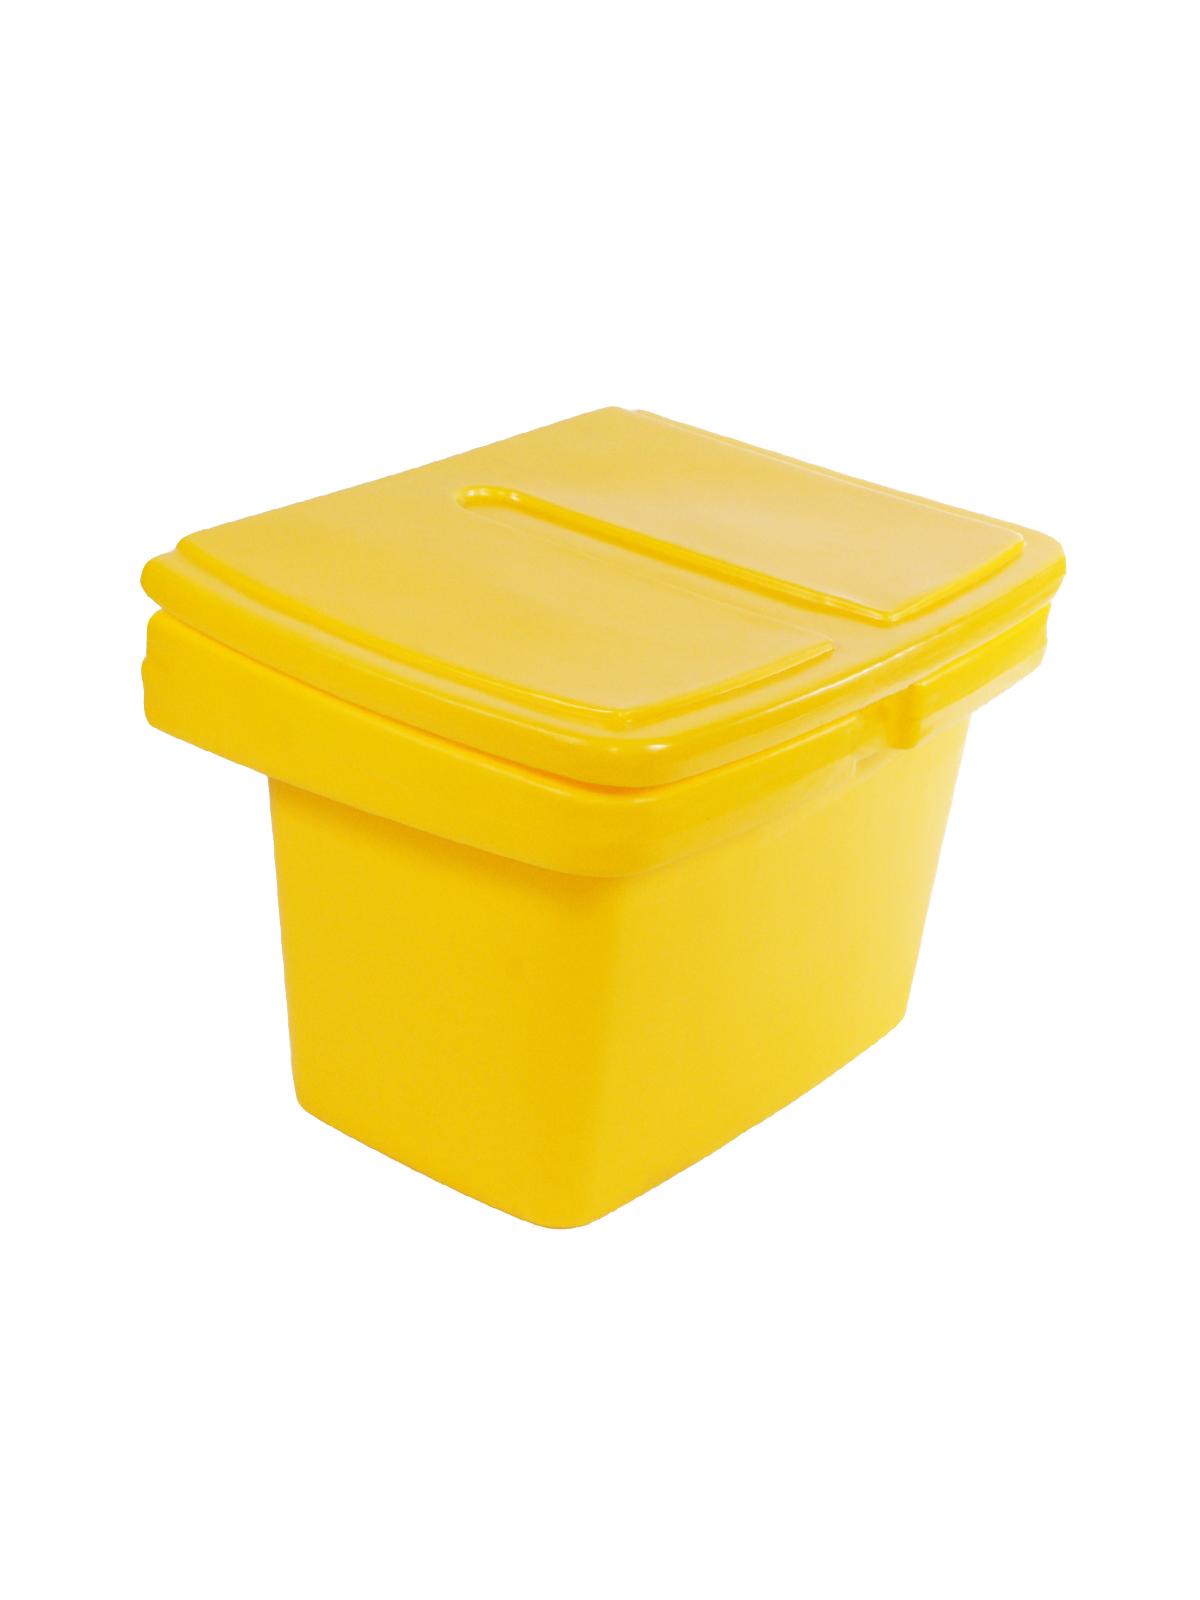 SALT & SAND - Unit - A-Salt 500 - Yellow